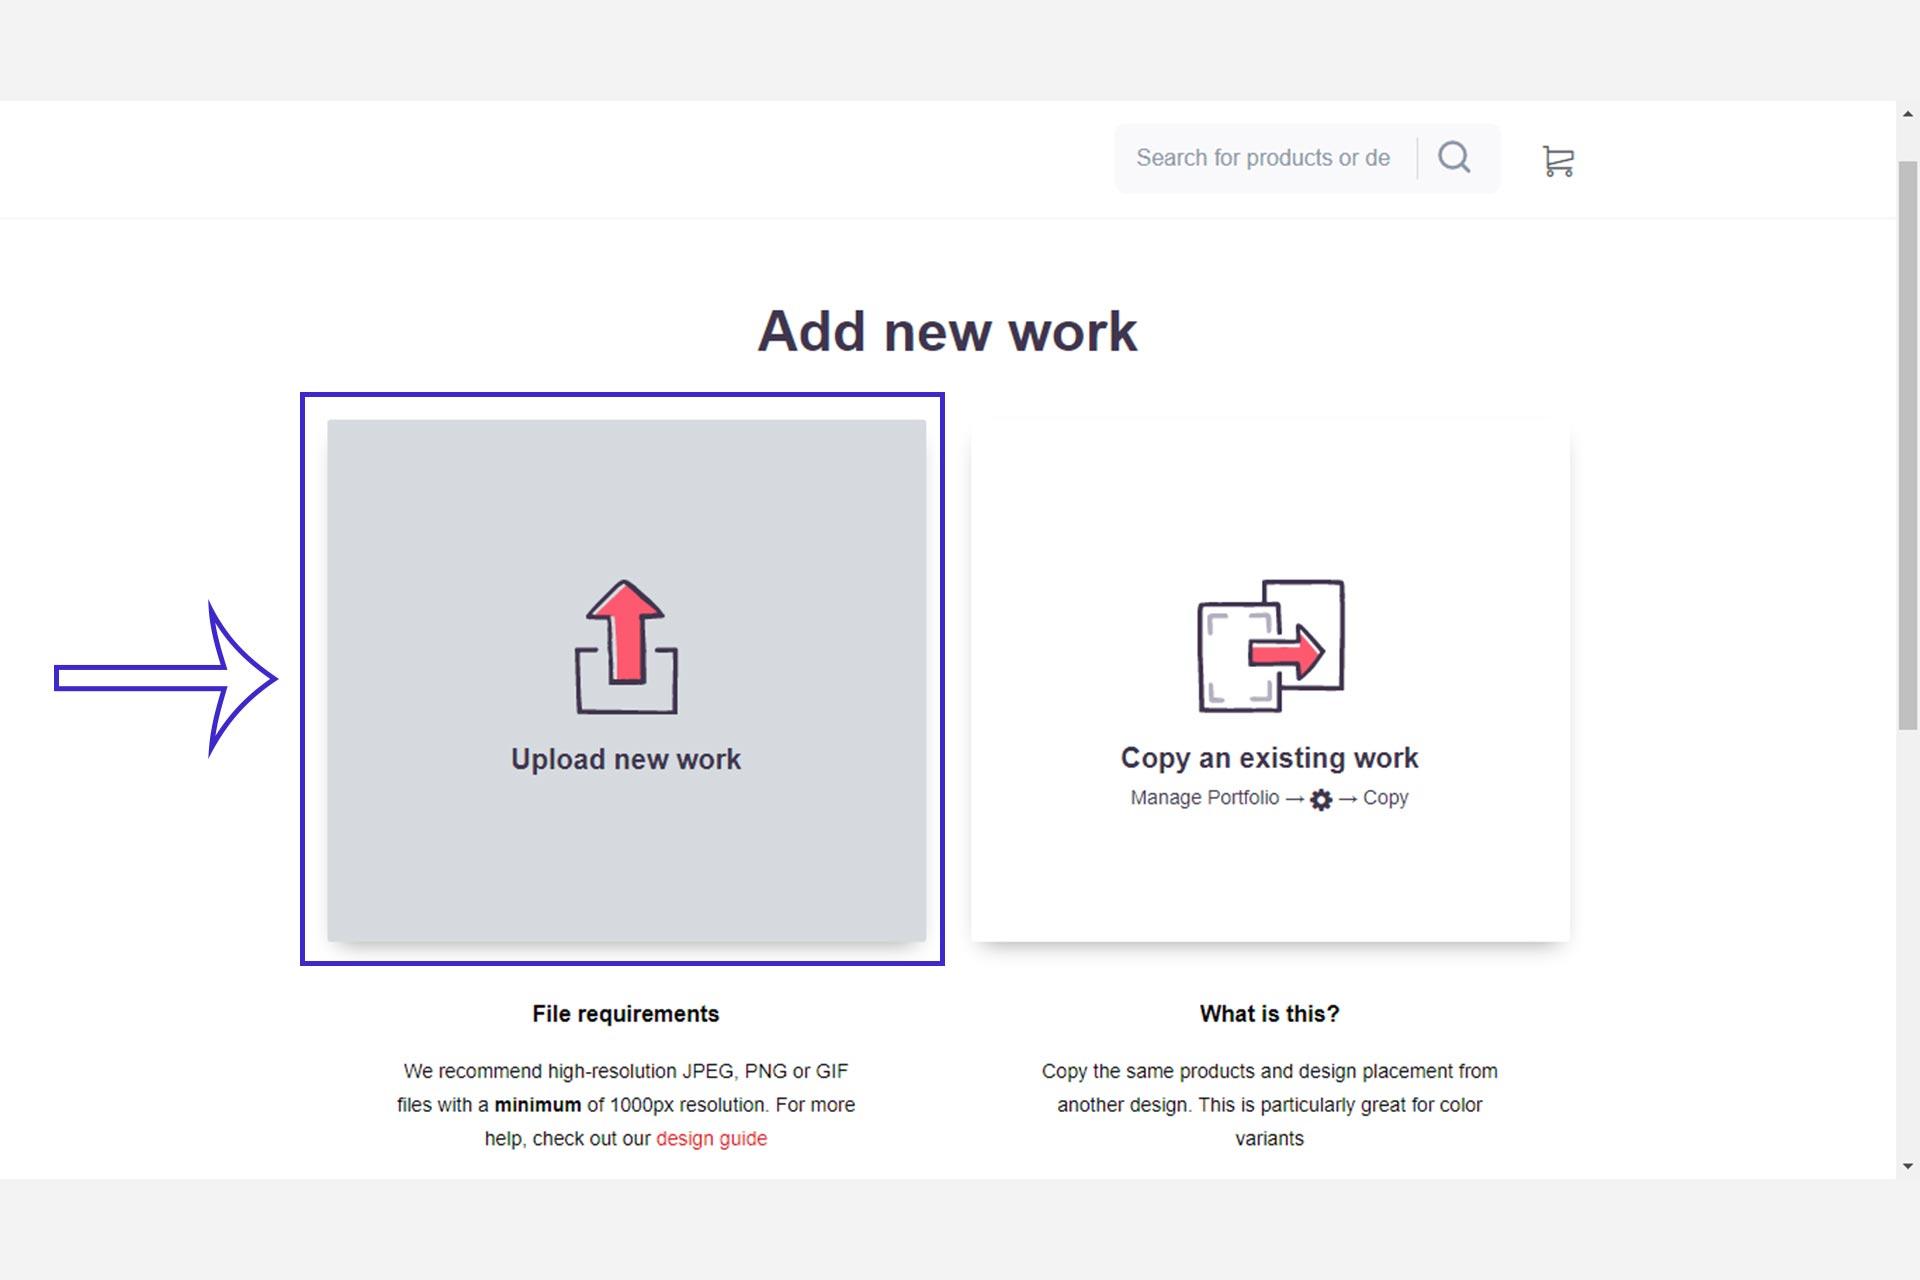 طراحی محصول در Redbubble, redbubble.com